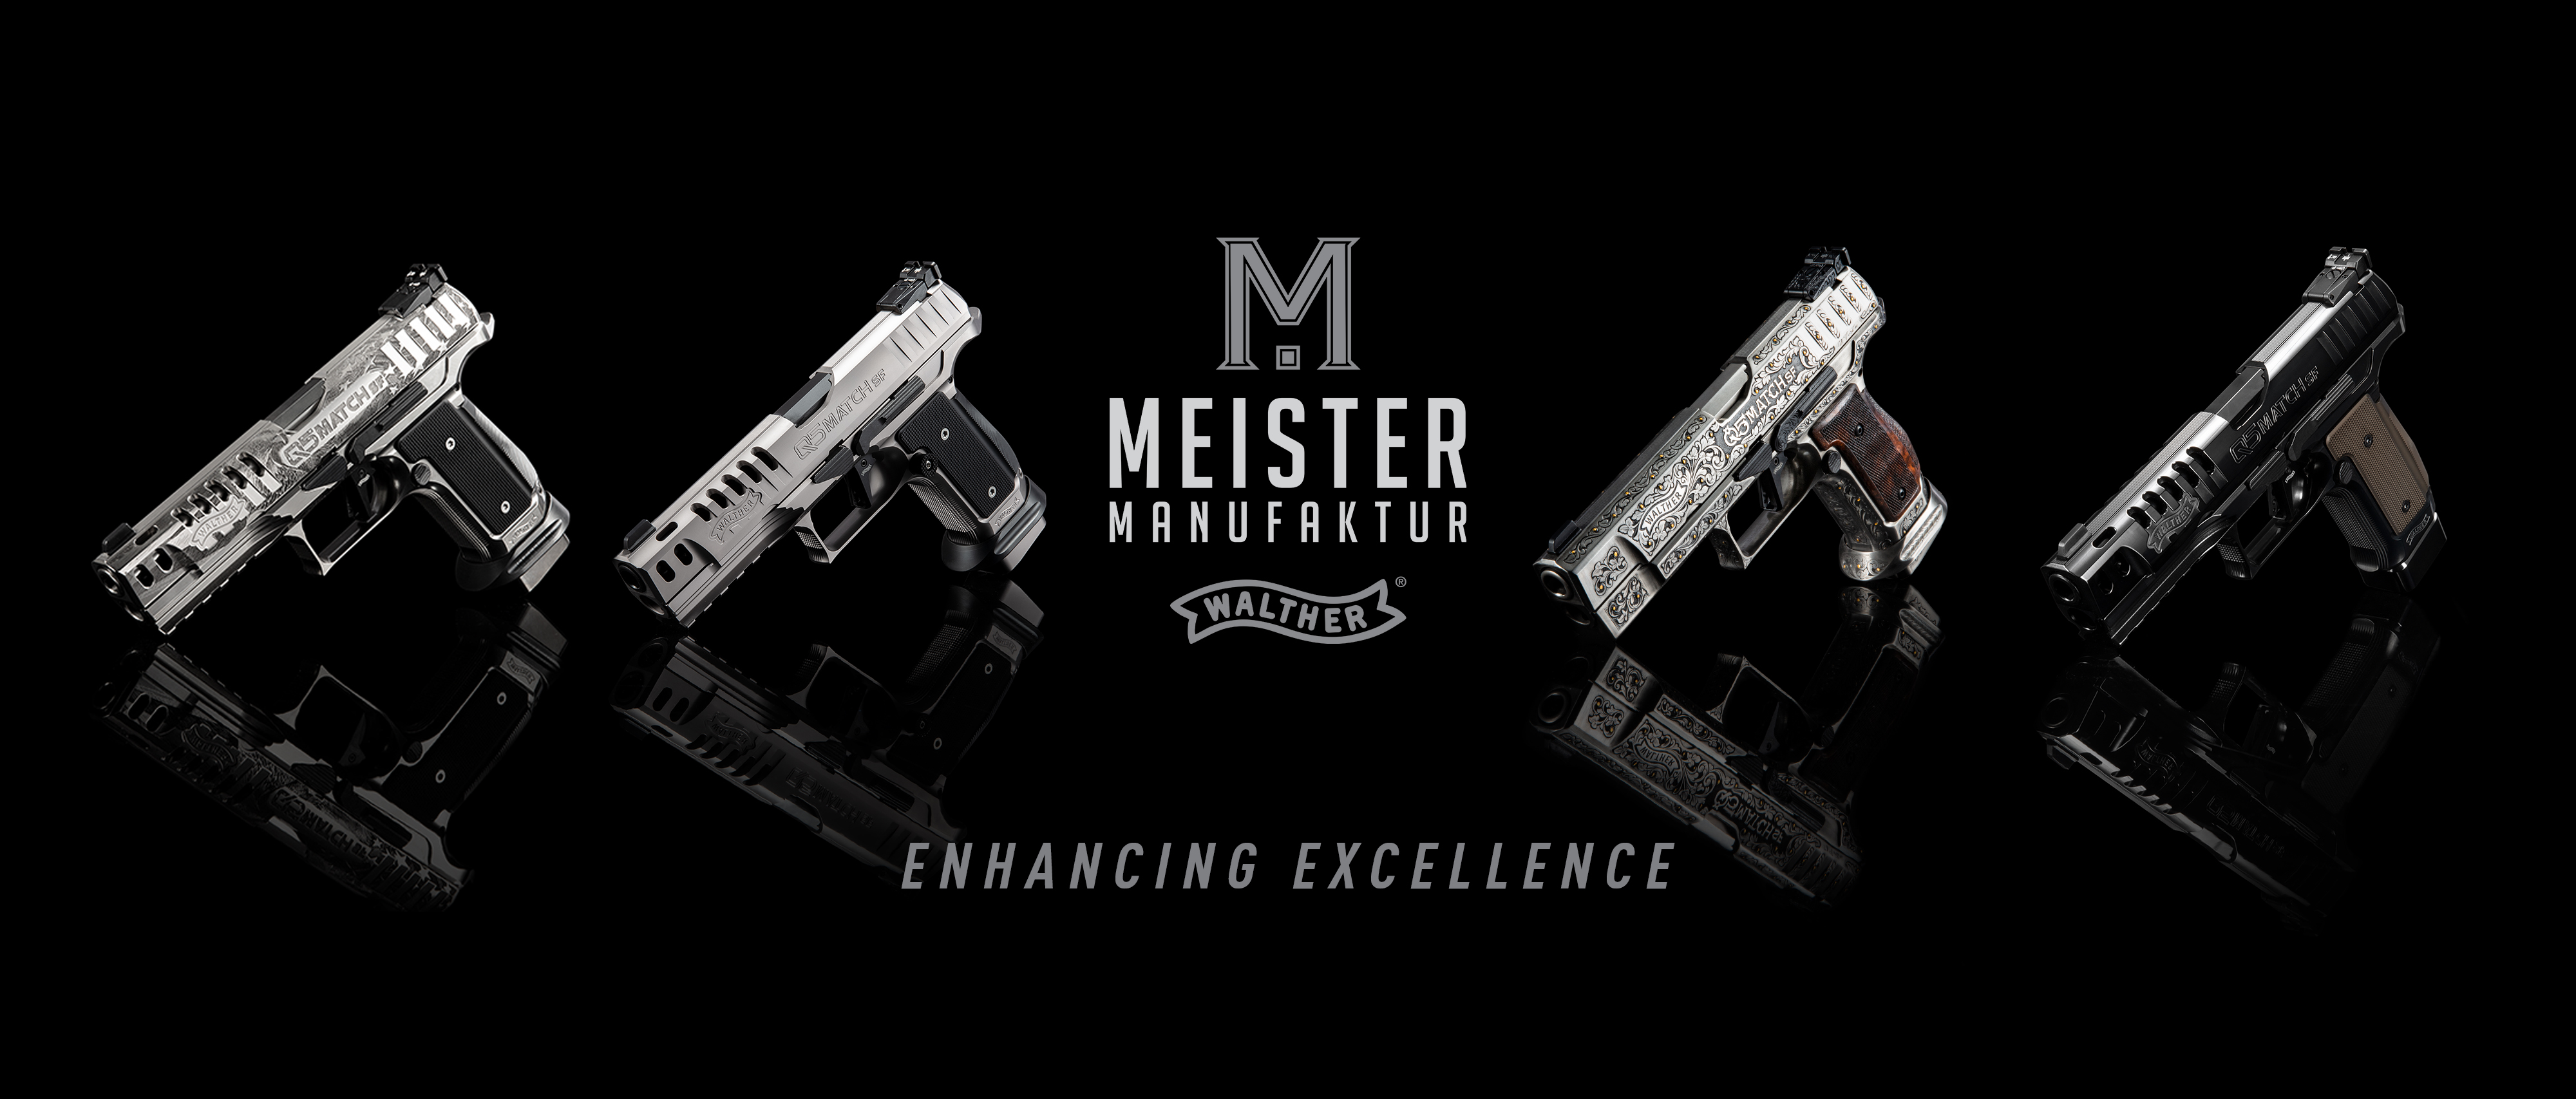 Walther Meister Manufaktur